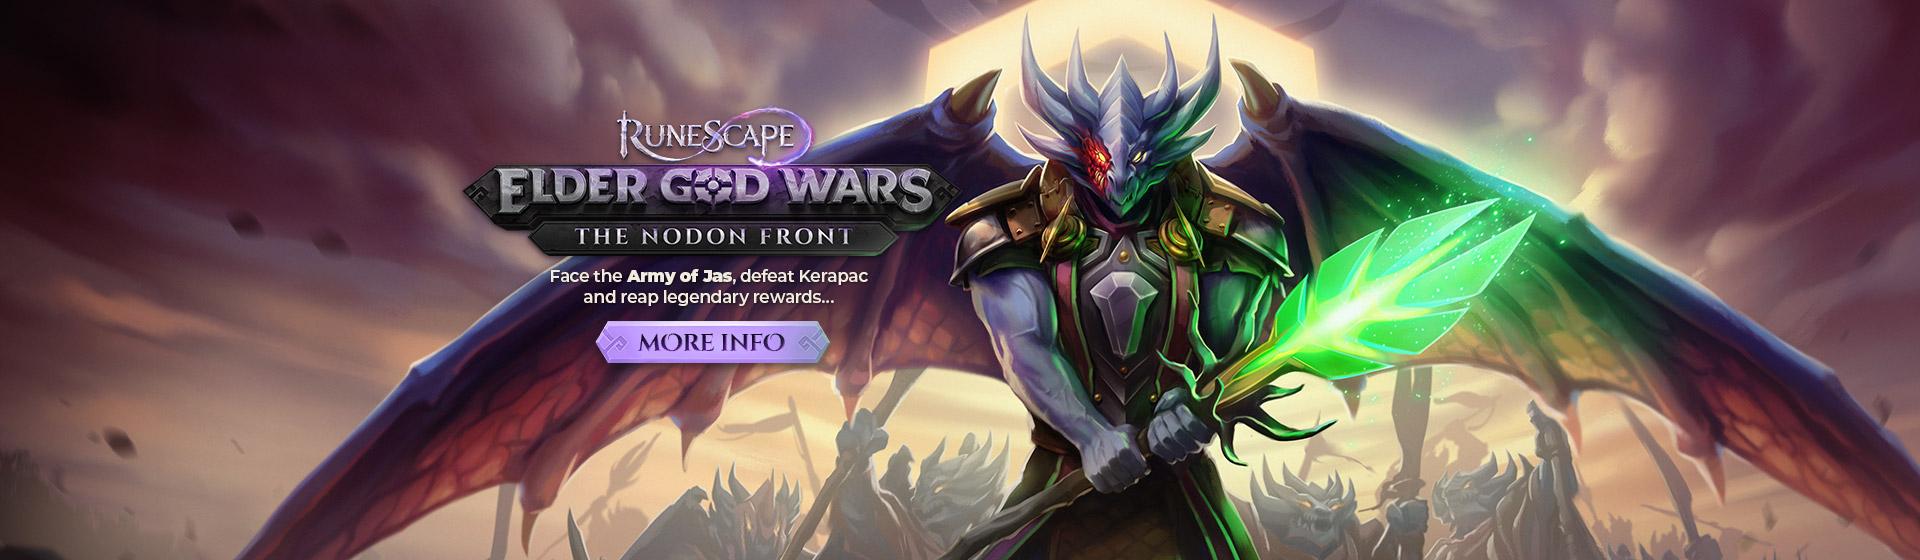 Elder God Wars Dungeon - The Nodon Front